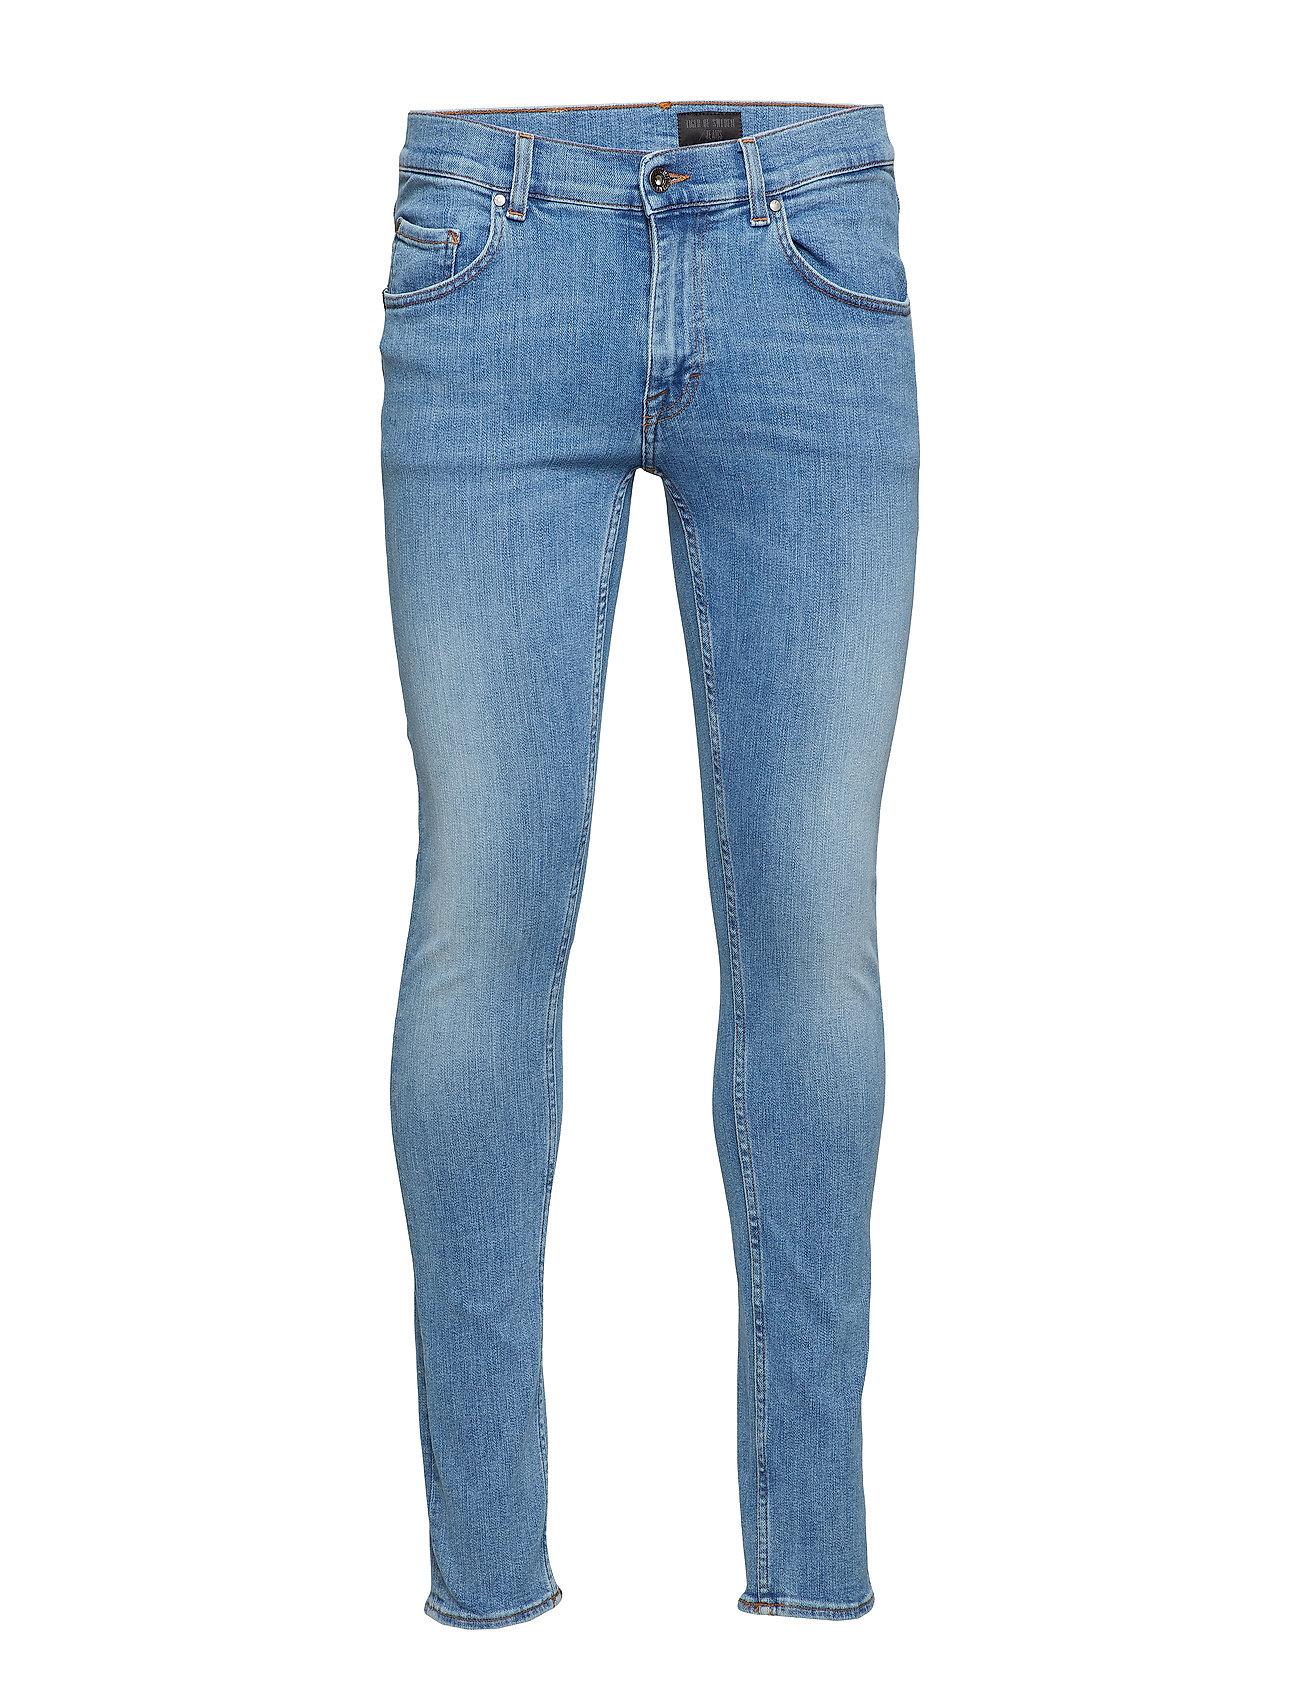 BlueTiger Slimlight Slimlight BlueTiger Of Of Slimlight BlueTiger Jeans Sweden Jeans Sweden dxBeCo